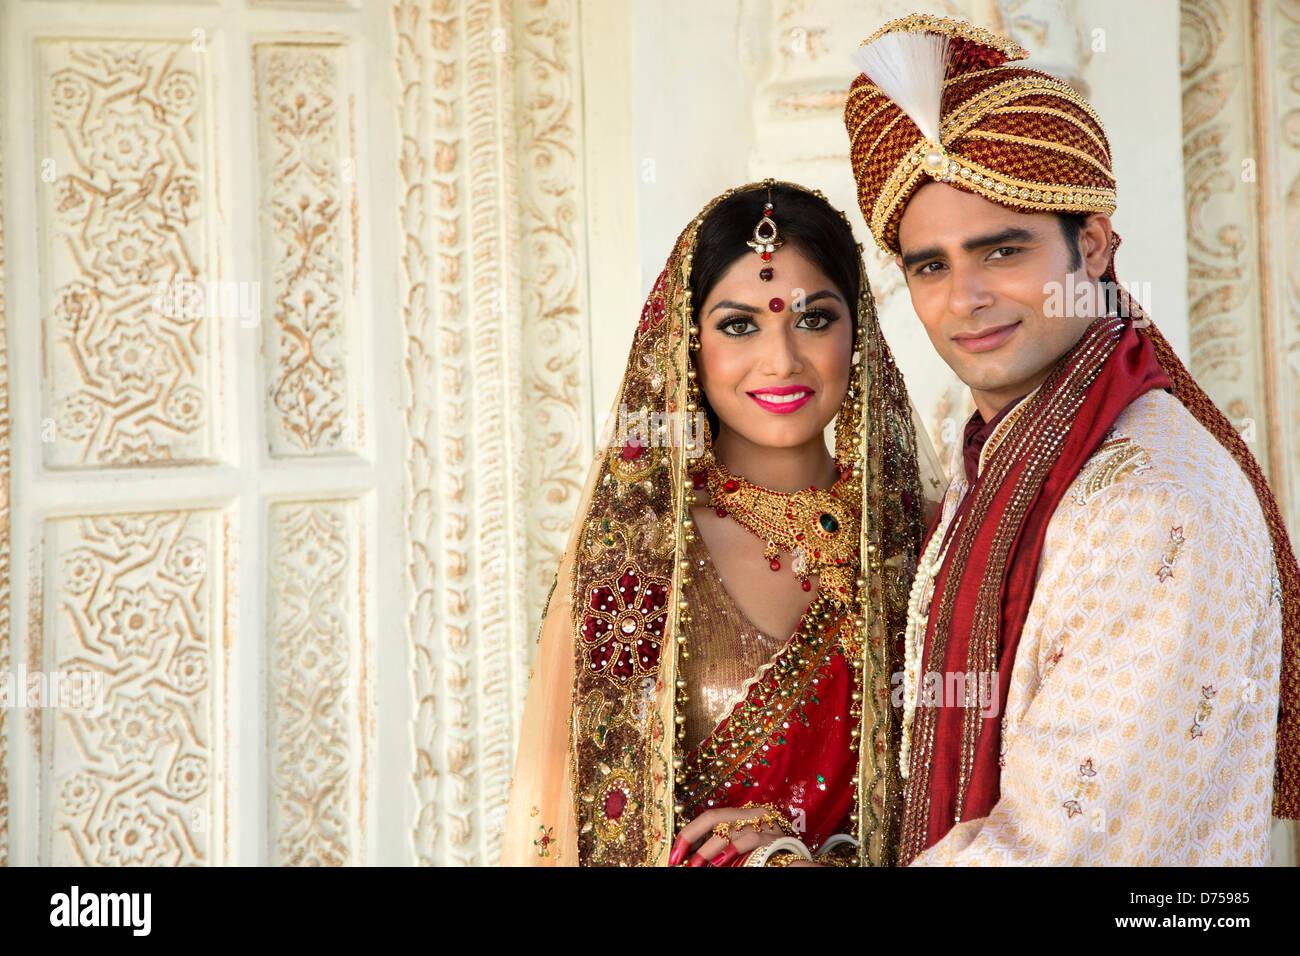 Indische Braut und Bräutigam in traditionellen Brautkleid Stockfoto ...